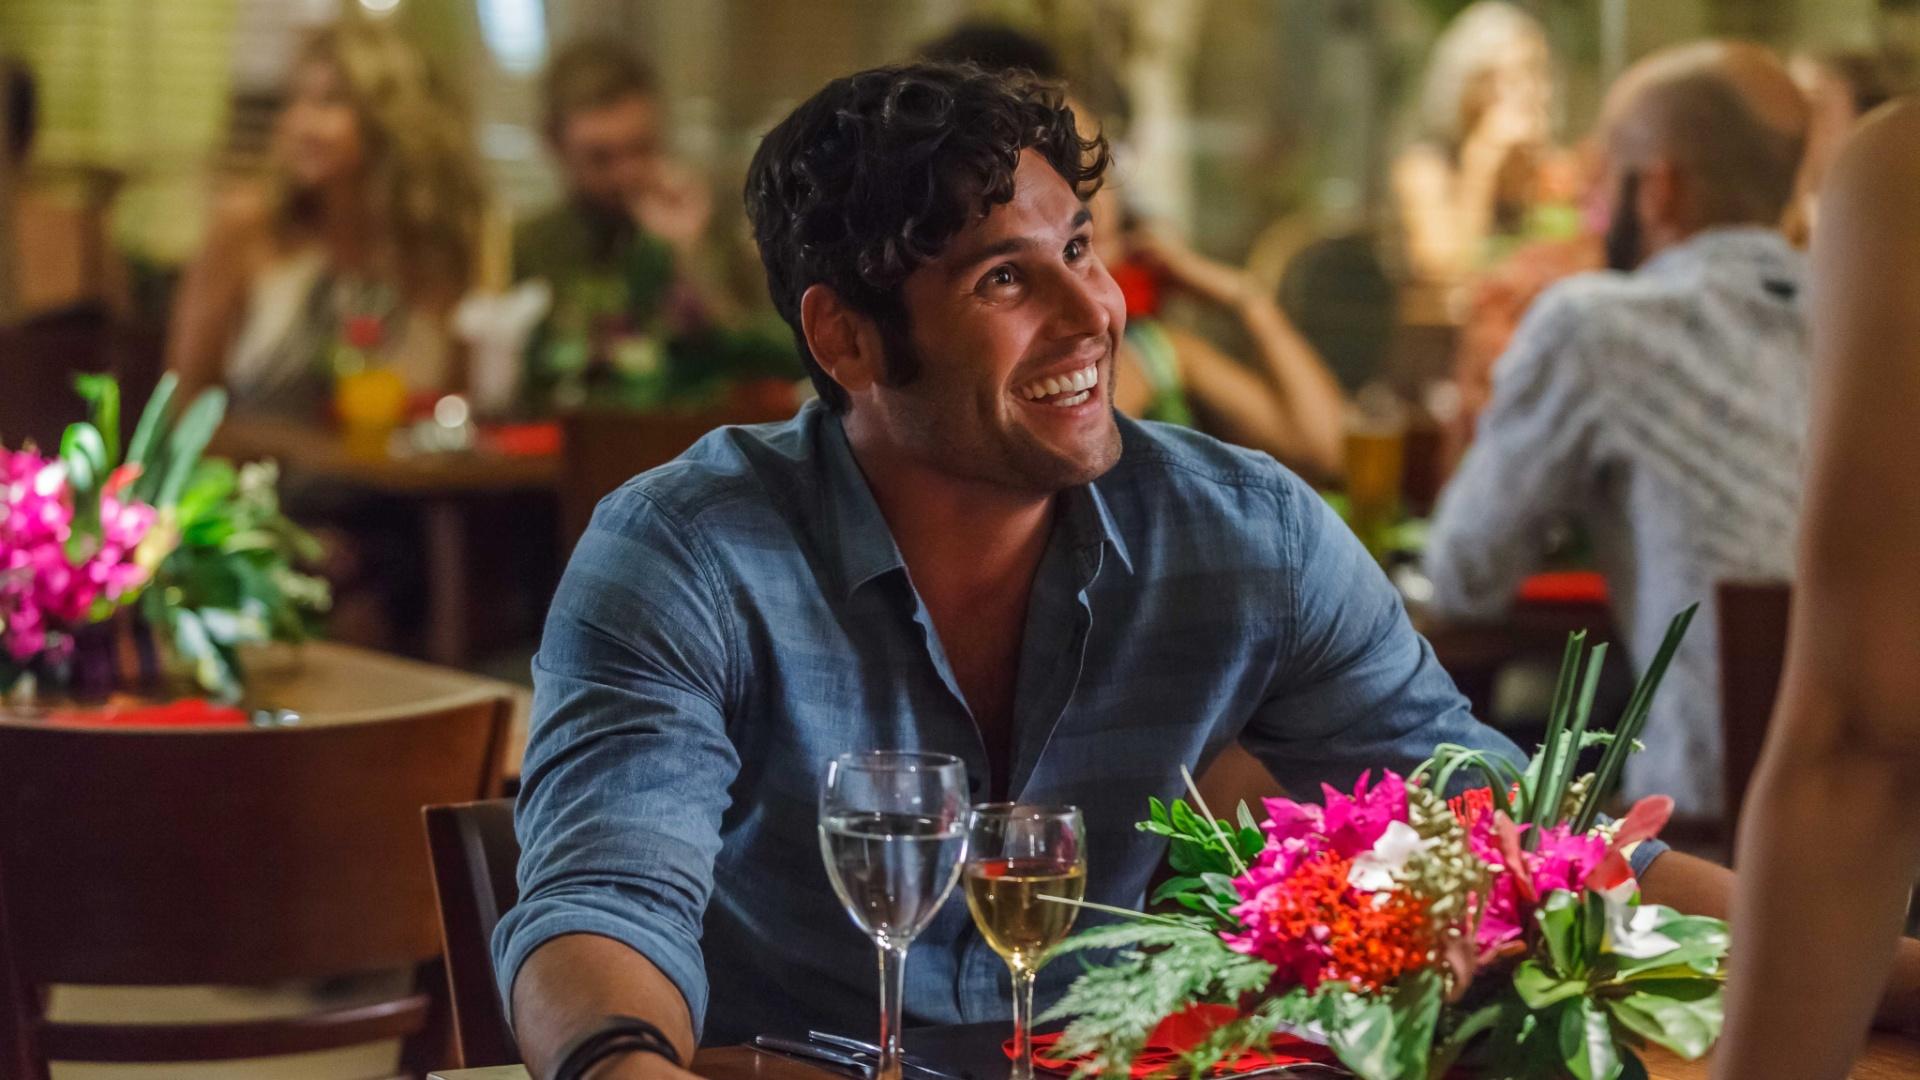 Dudu Azevedo interpreta Marcelo, que viaja até Cancun para tentar reconquistar o amor de Tati